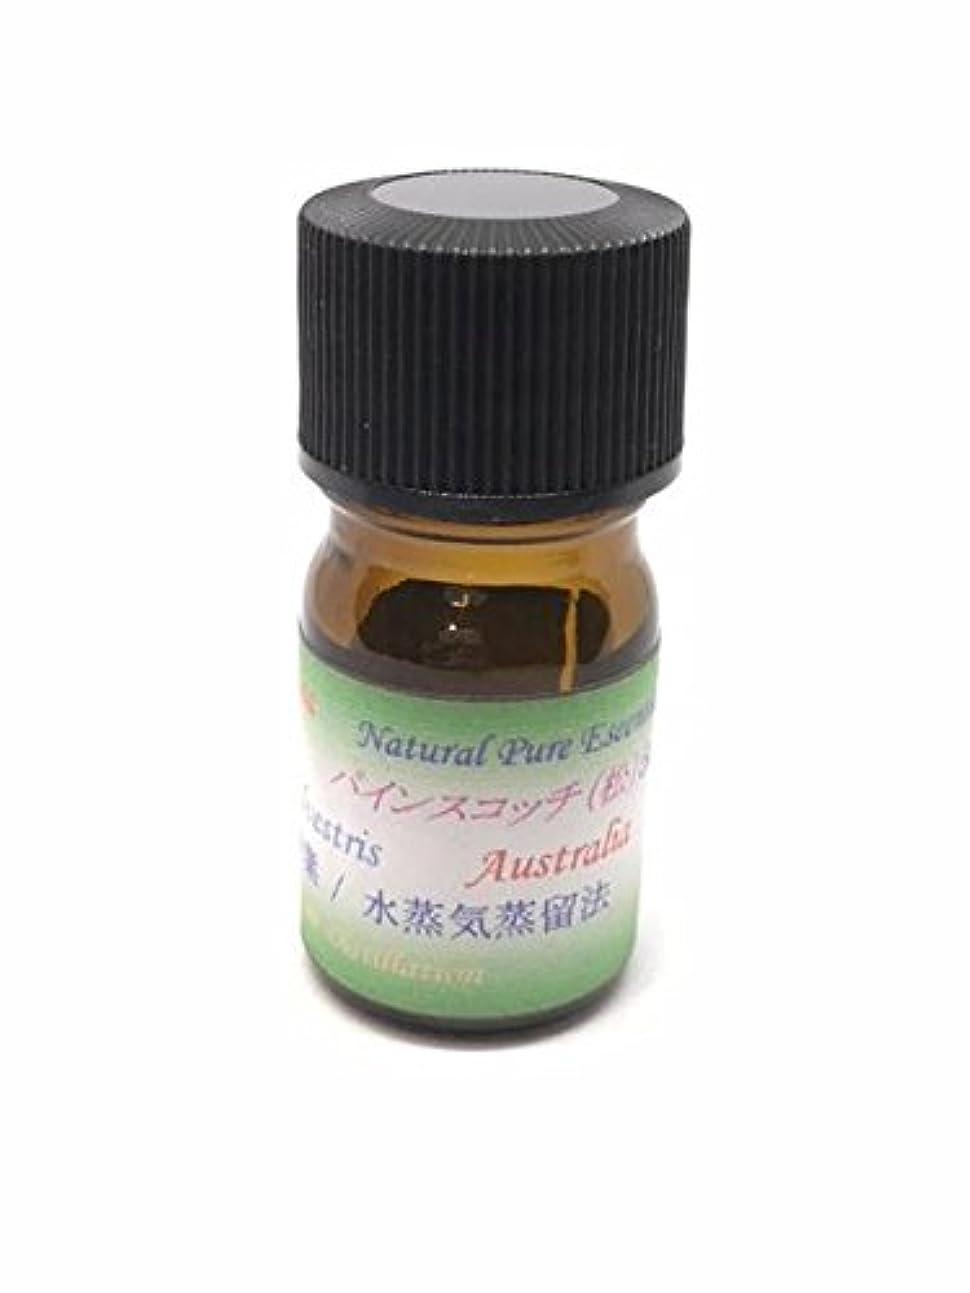 ドラゴン窓ブラウスパインスコッチ 100% ピュアエッセンシャルオイル アロマ精油(松ぼっくりの精油) (1000ml)